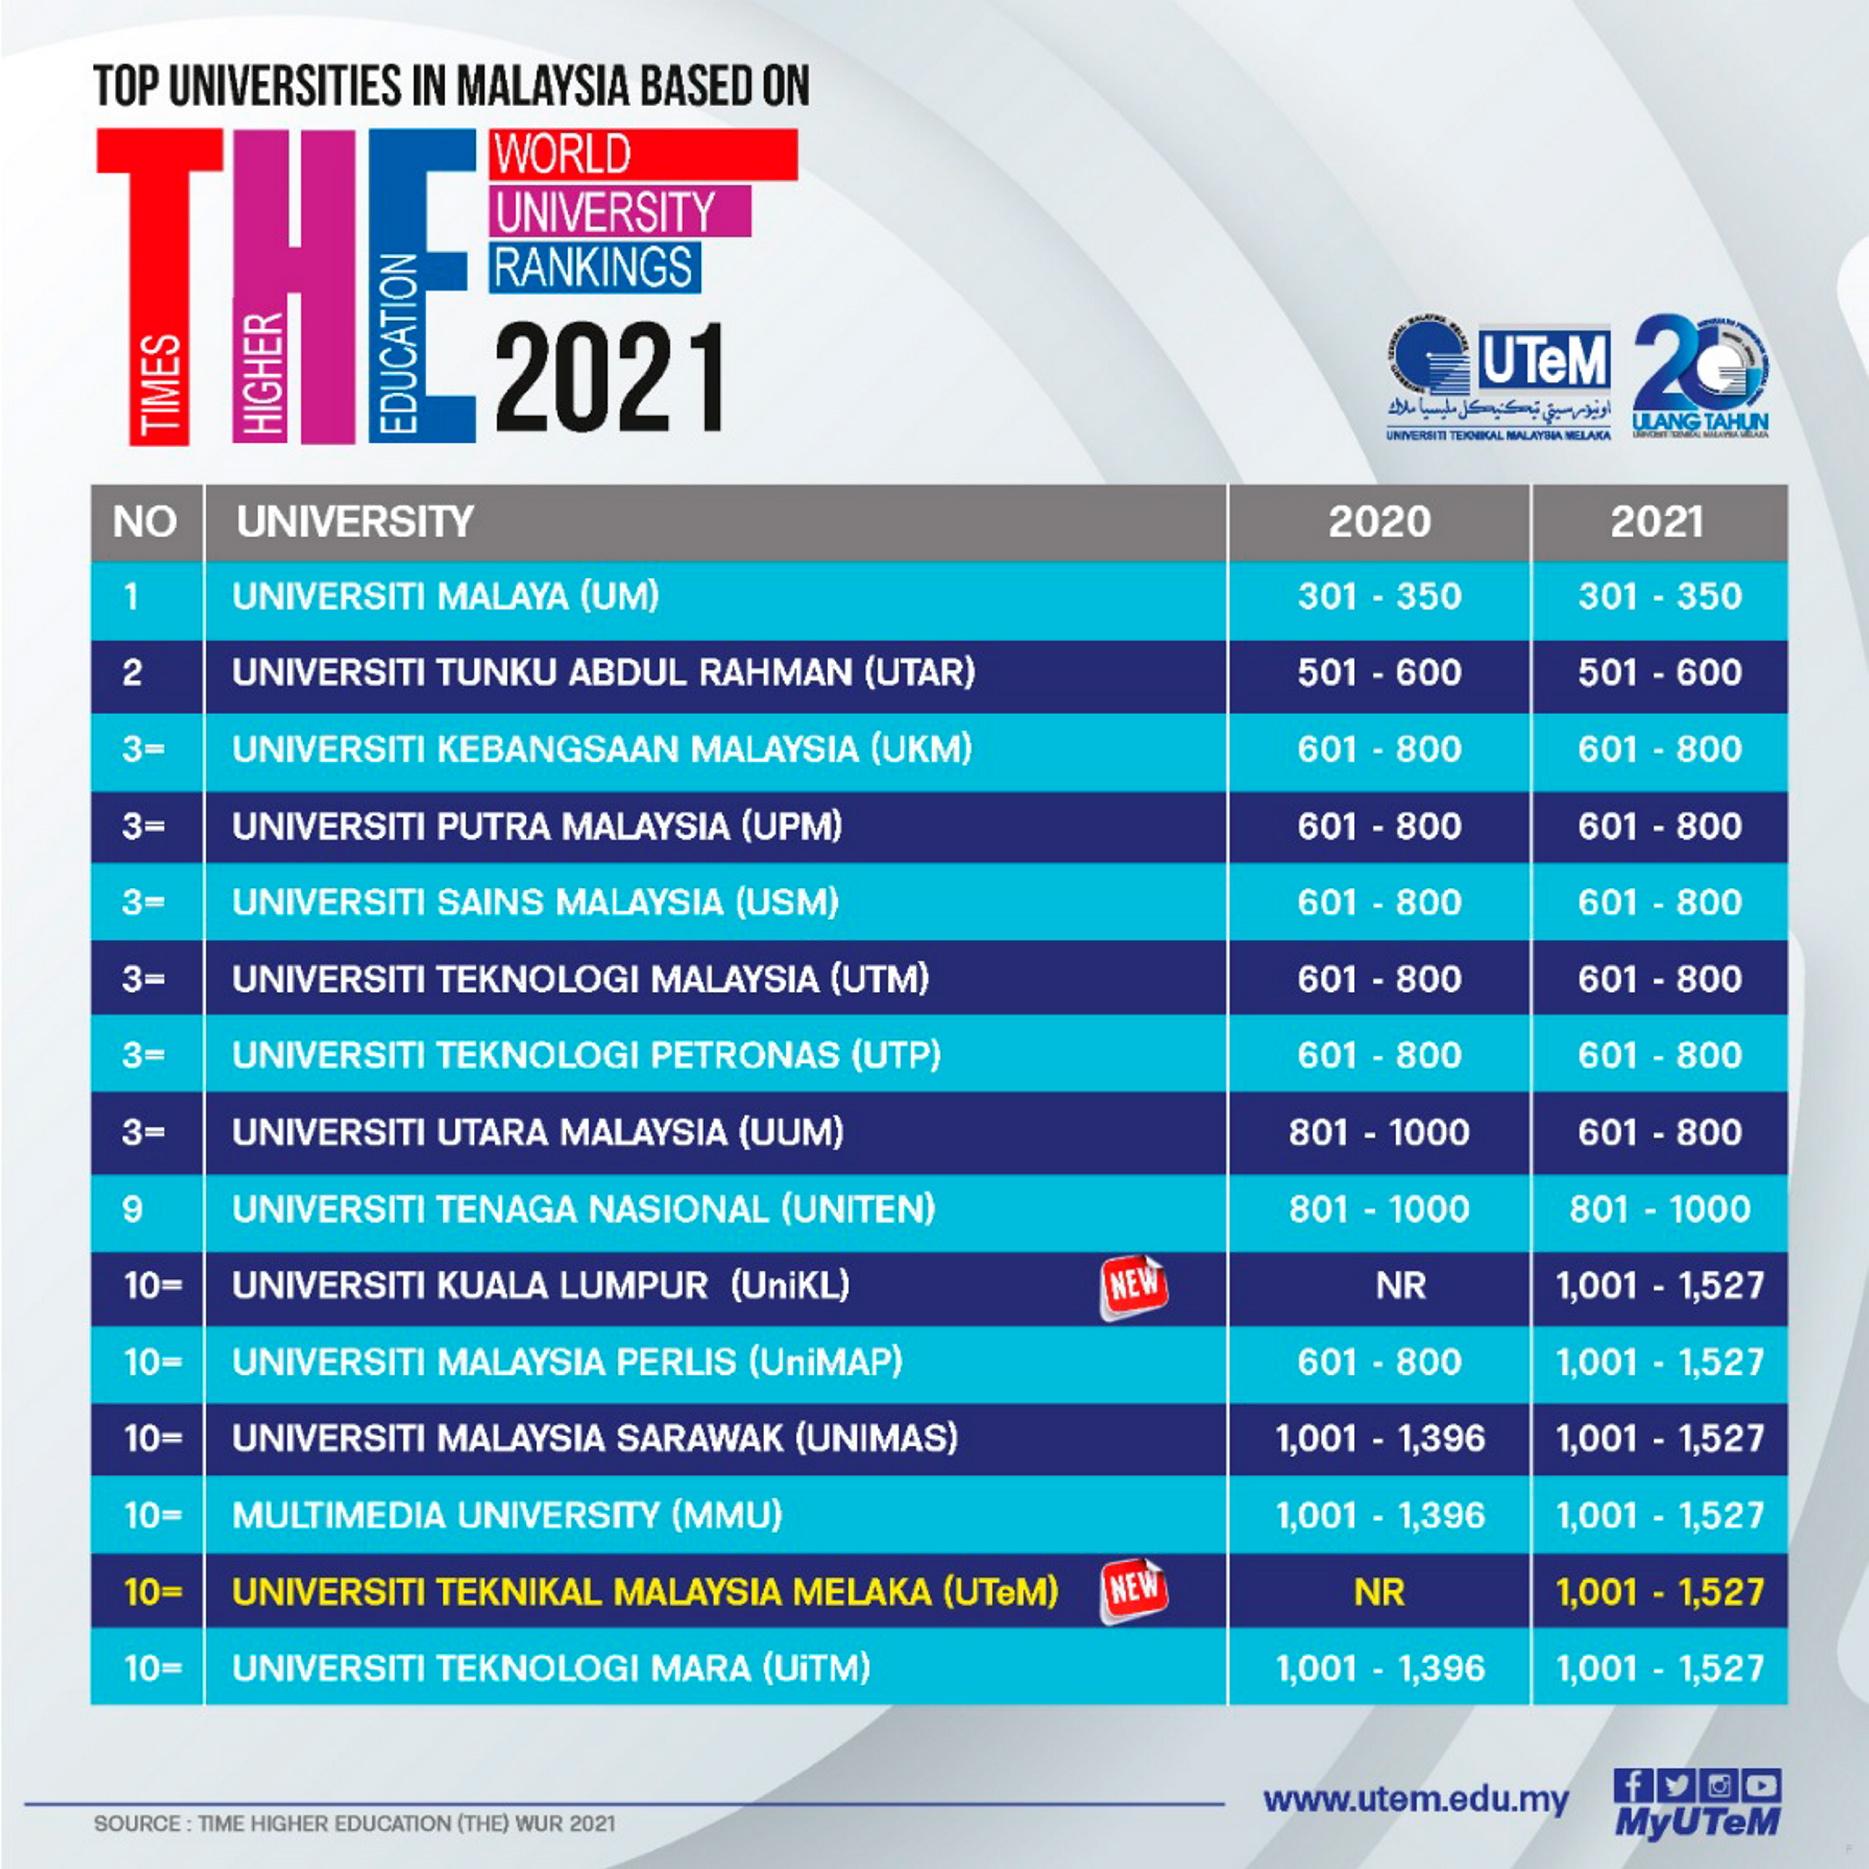 Senarai 10 Universiti Terbaik Di Malaysia Bagi Tahun 2020 Um Kekal No 1 Melonjak Ke Tangga Ke 70 Teknoratz